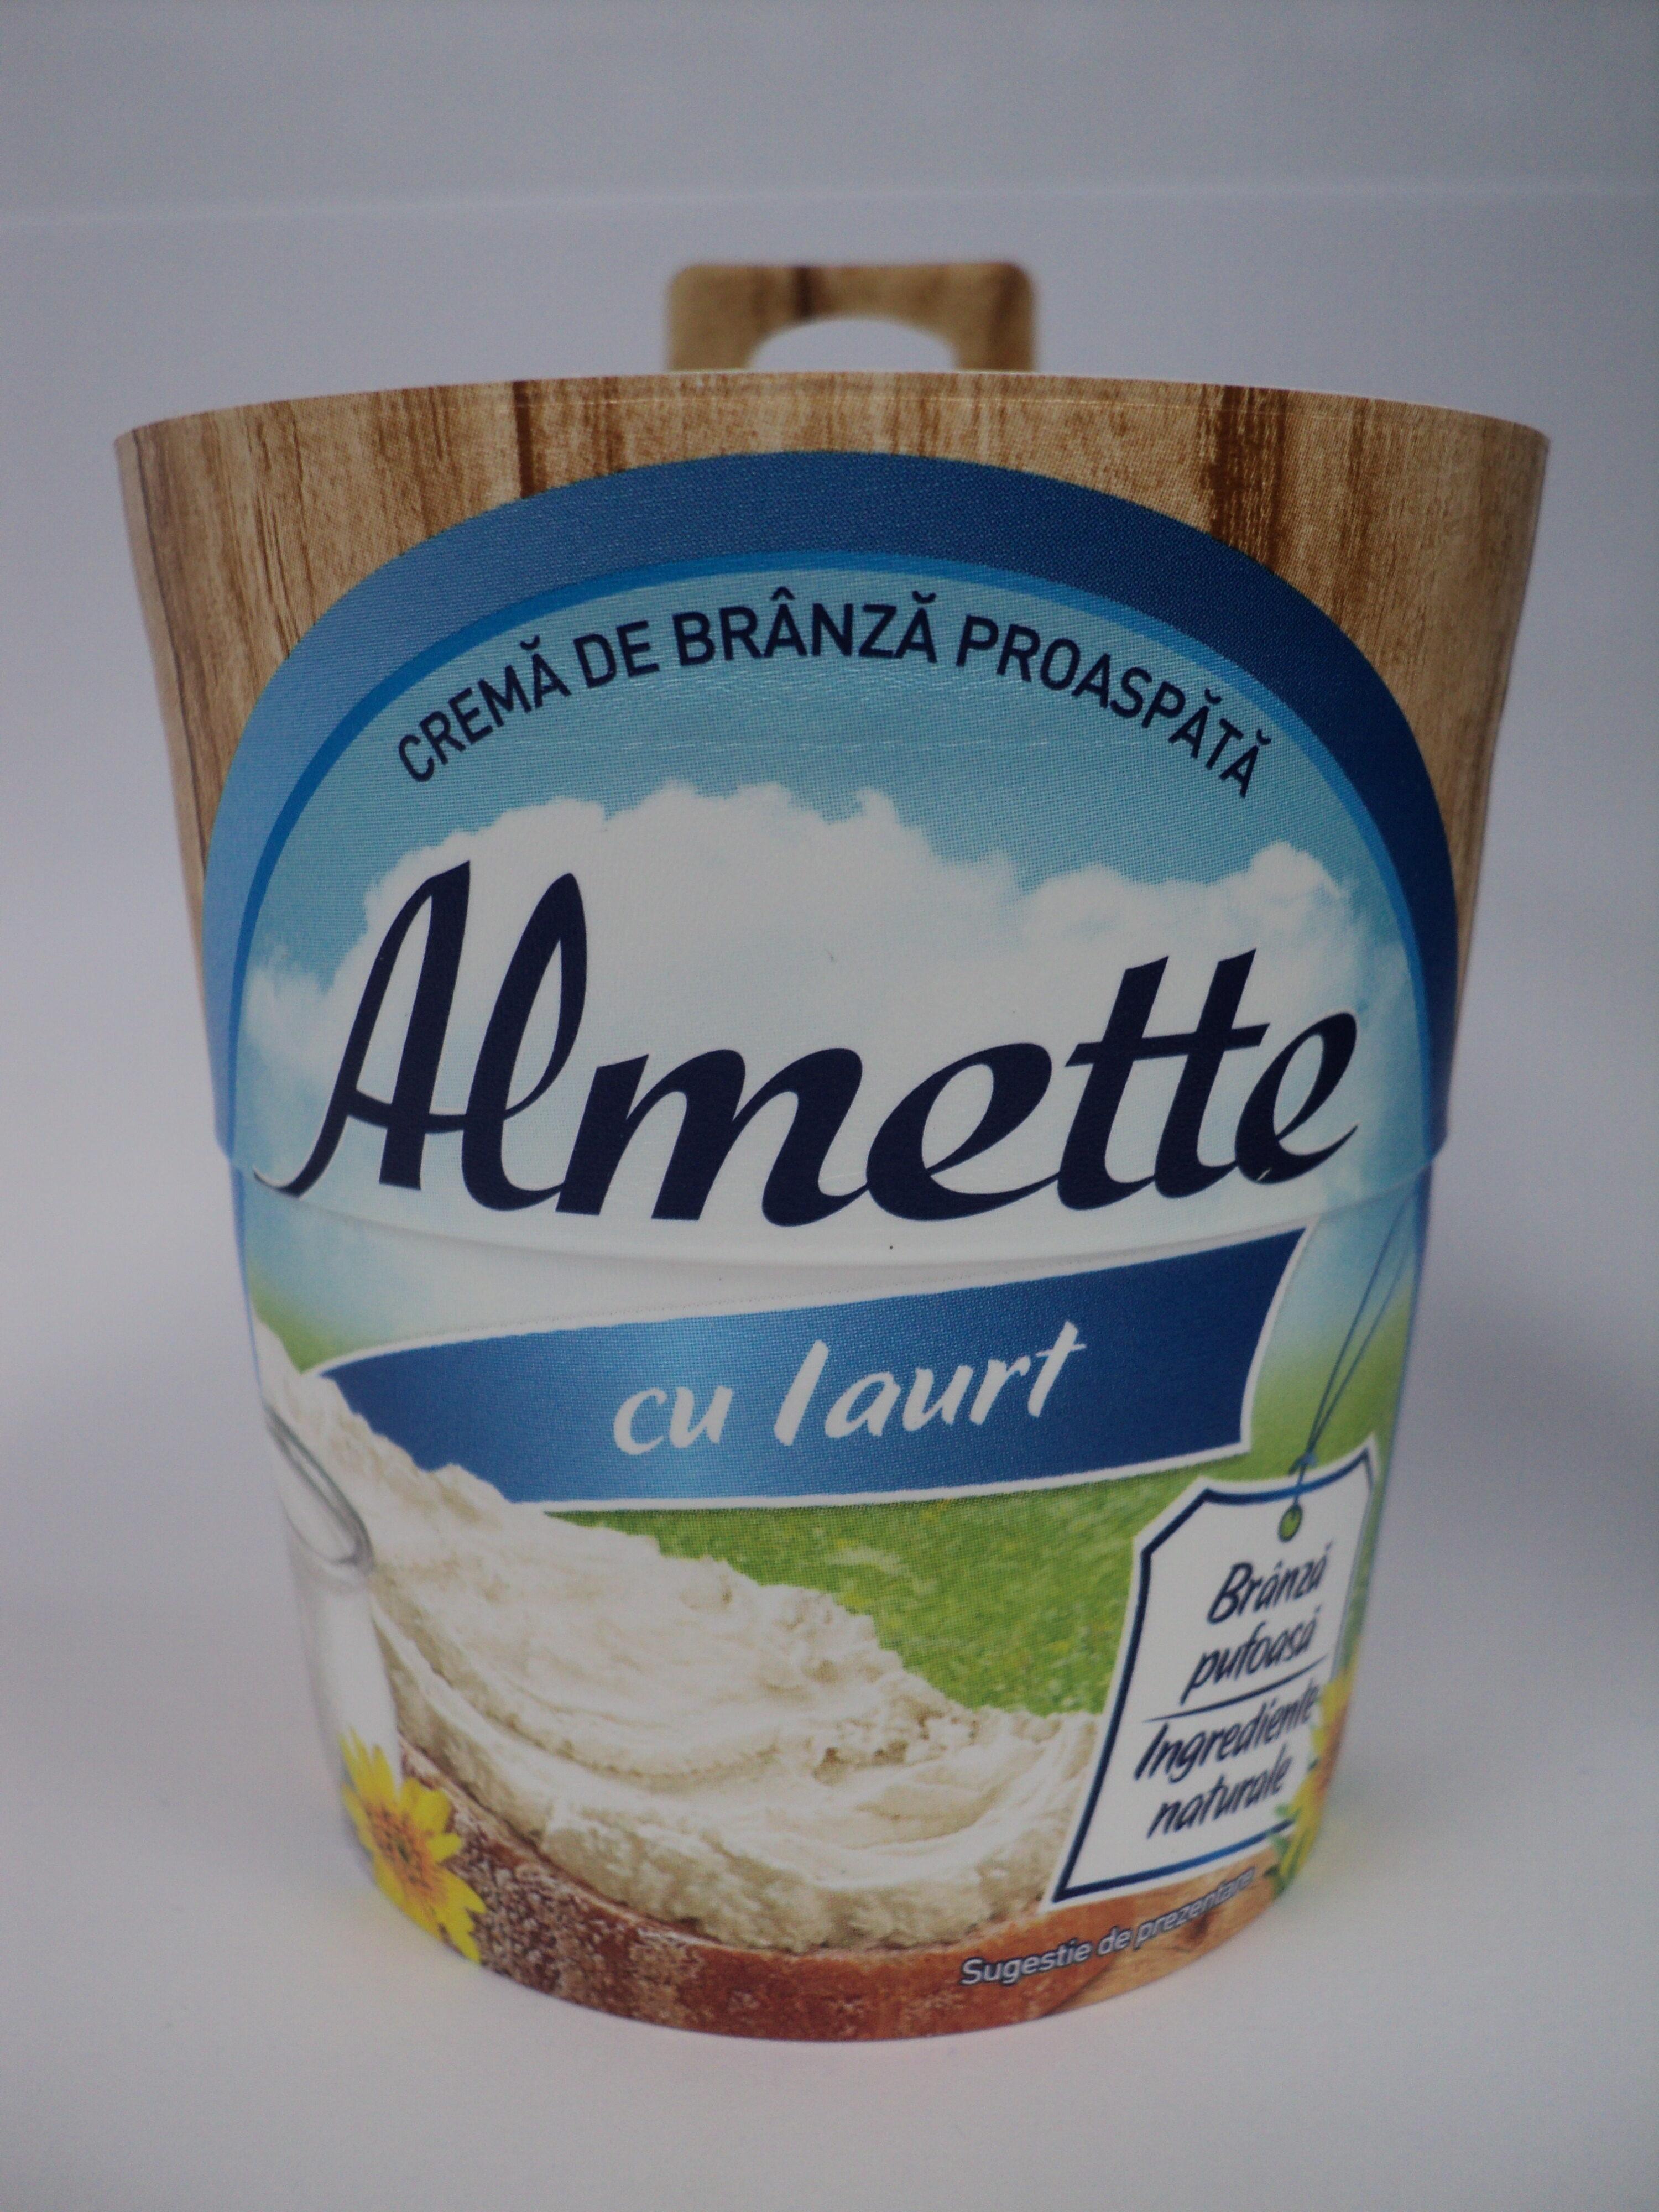 Almette Cremă de brânză proaspătă cu iaurt - Product - ro